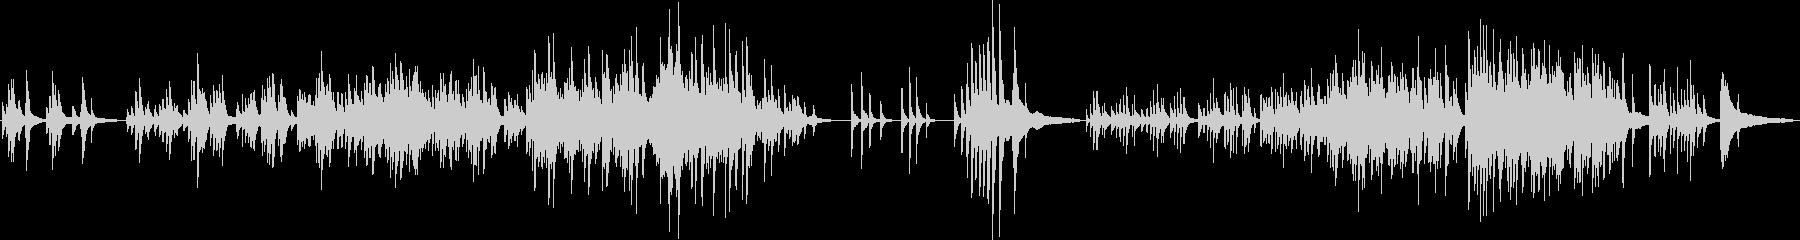 温かく、どこか切ないピアノソロ曲の未再生の波形